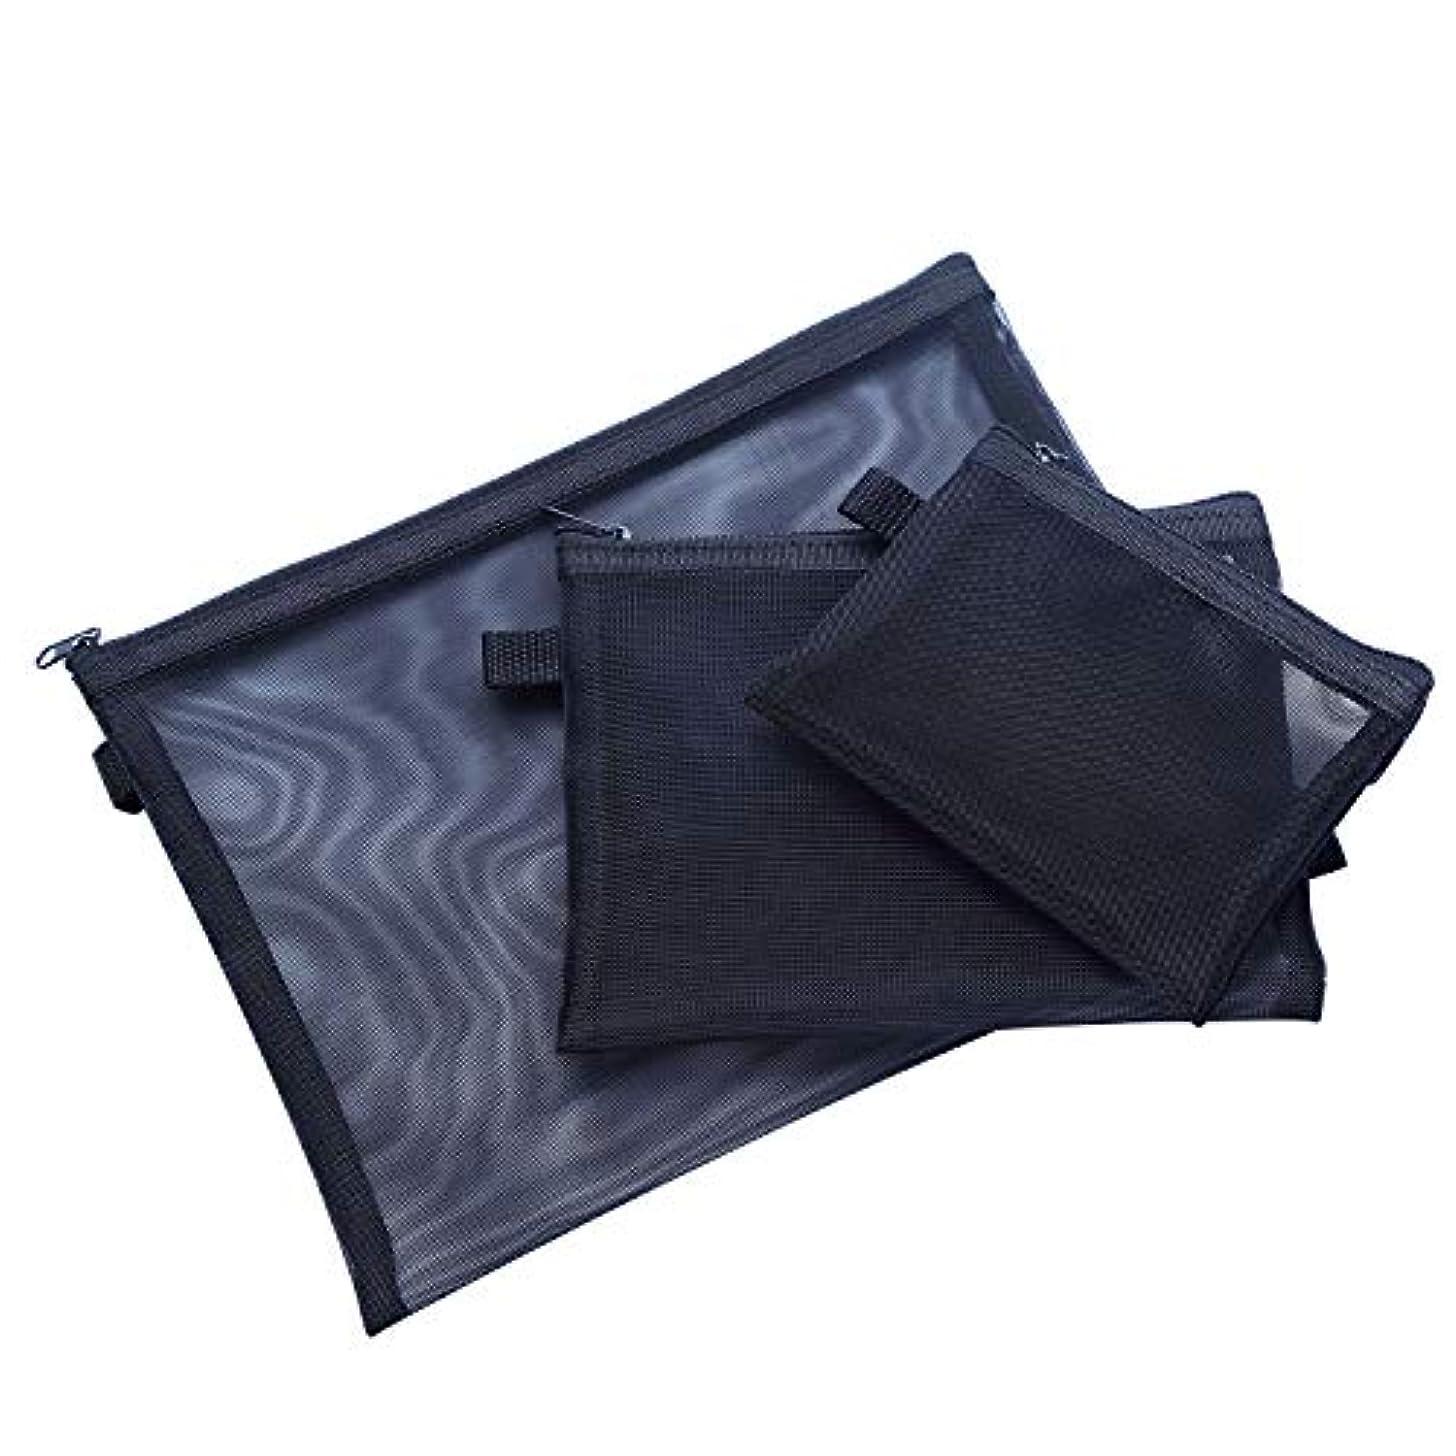 の慈悲でまさに宣教師HOYOFO メッシュケース 化粧ポーチ 収納 小物入れ 多機能 3点セット 黒